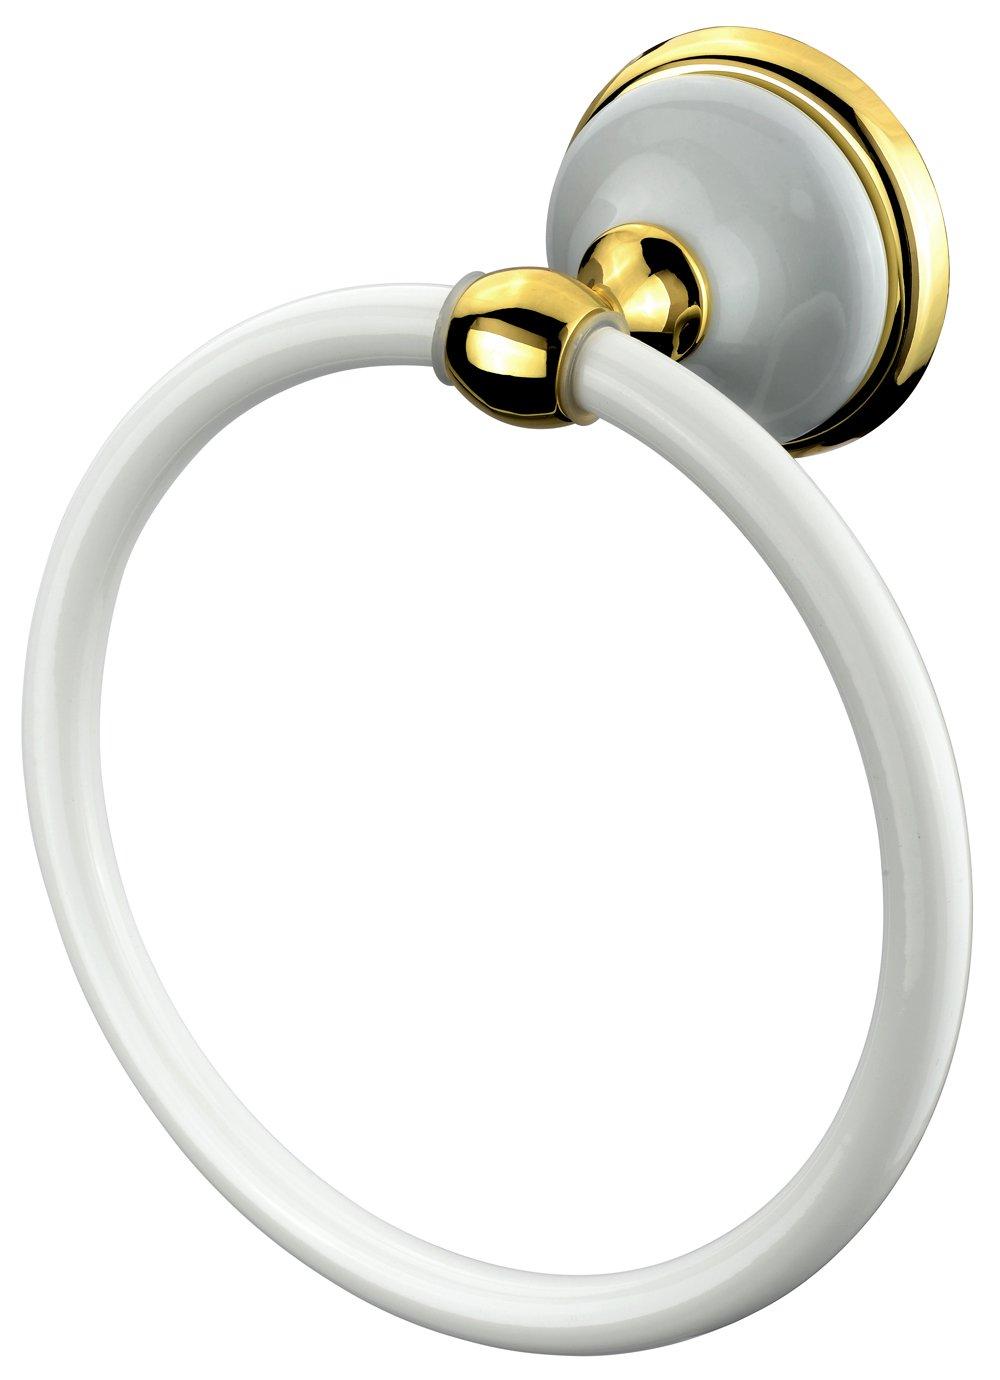 VELMA - 278360 - Anneau Porte-Serviette - Série Bianco Gold - Design Exclusif - Laiton/Alliage De Zinc/Céramique/Or 18 Carats (750) - Inoxydable - Haute Qualité